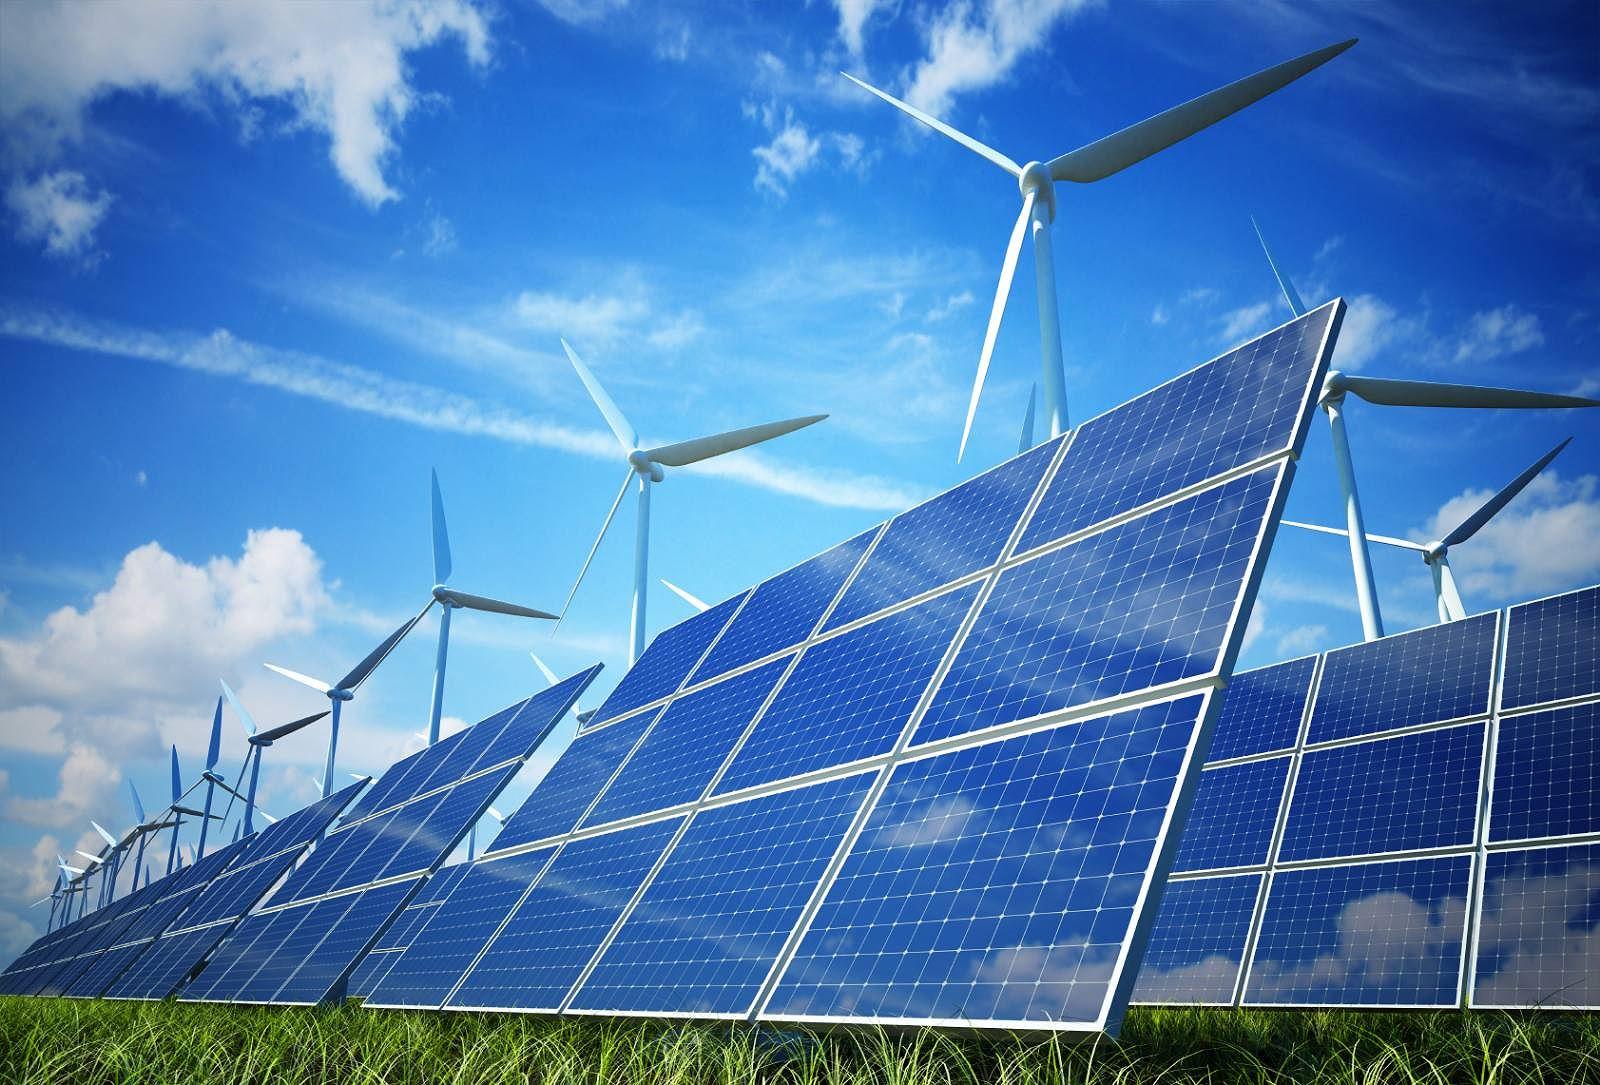 Hỗ trợ phát triển năng lượng tái tạo